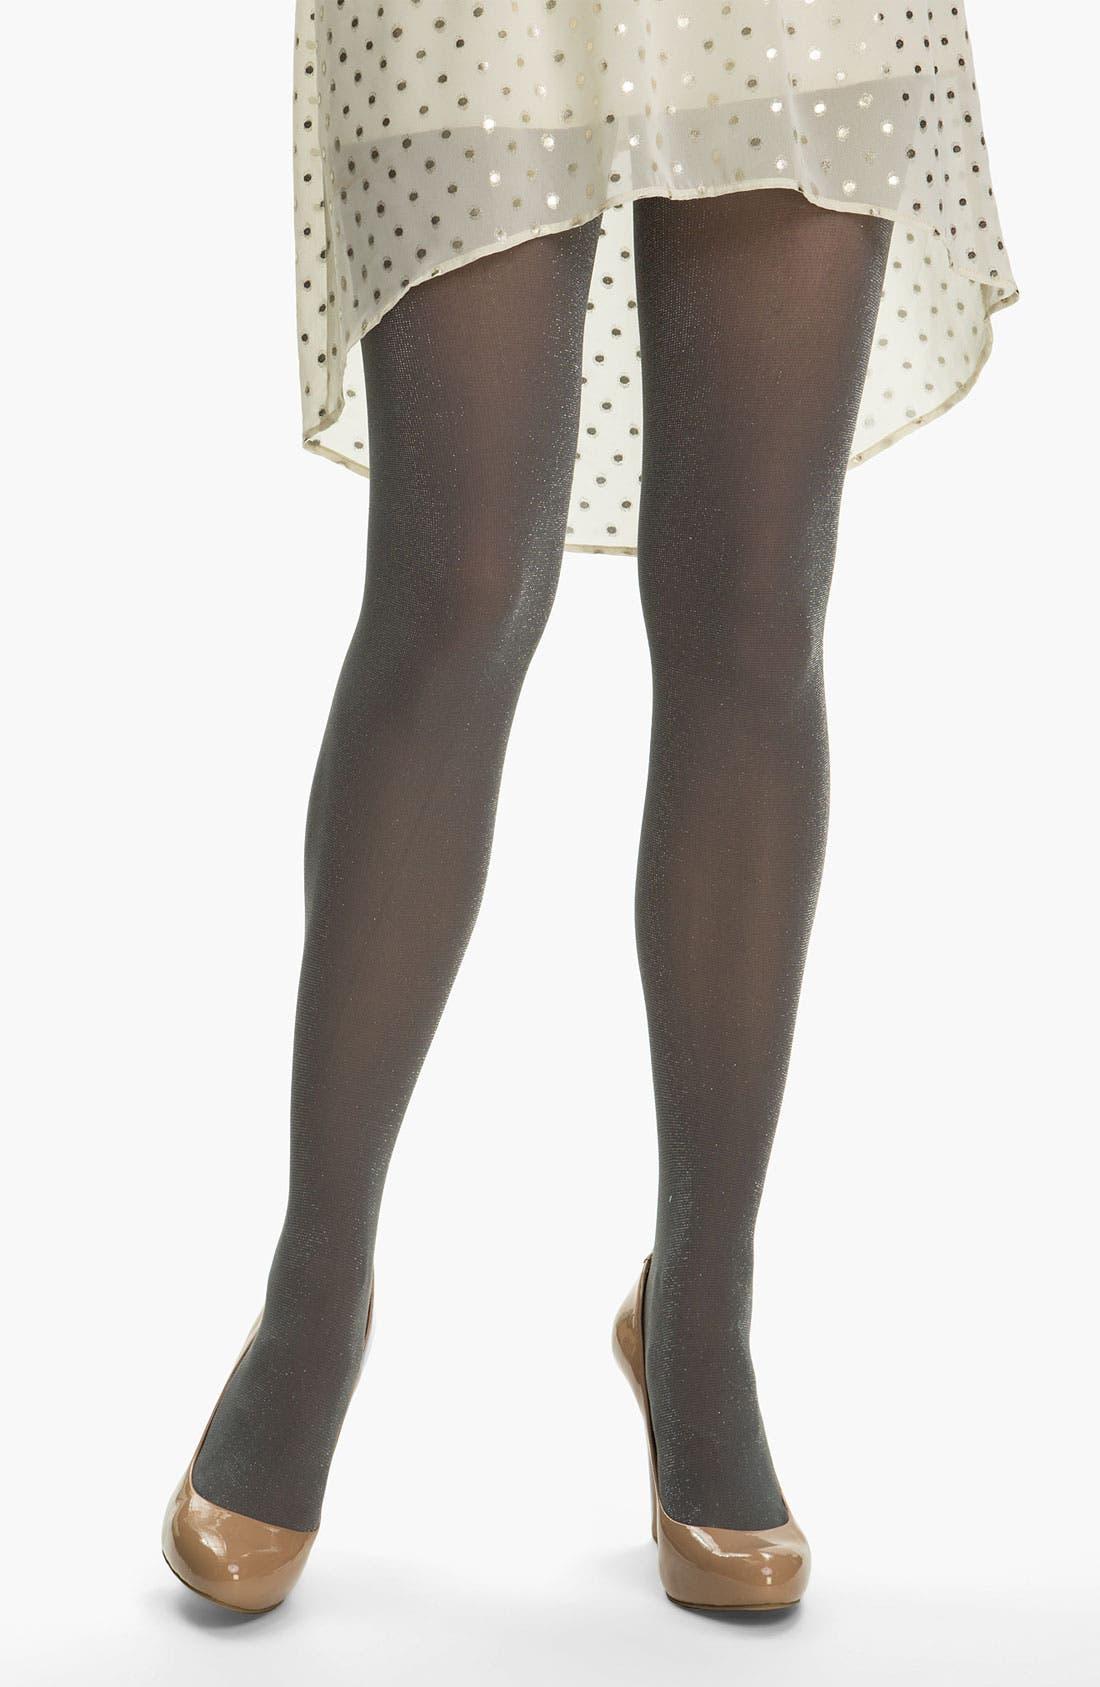 Main Image - DKNY 'Shimmer' Tights